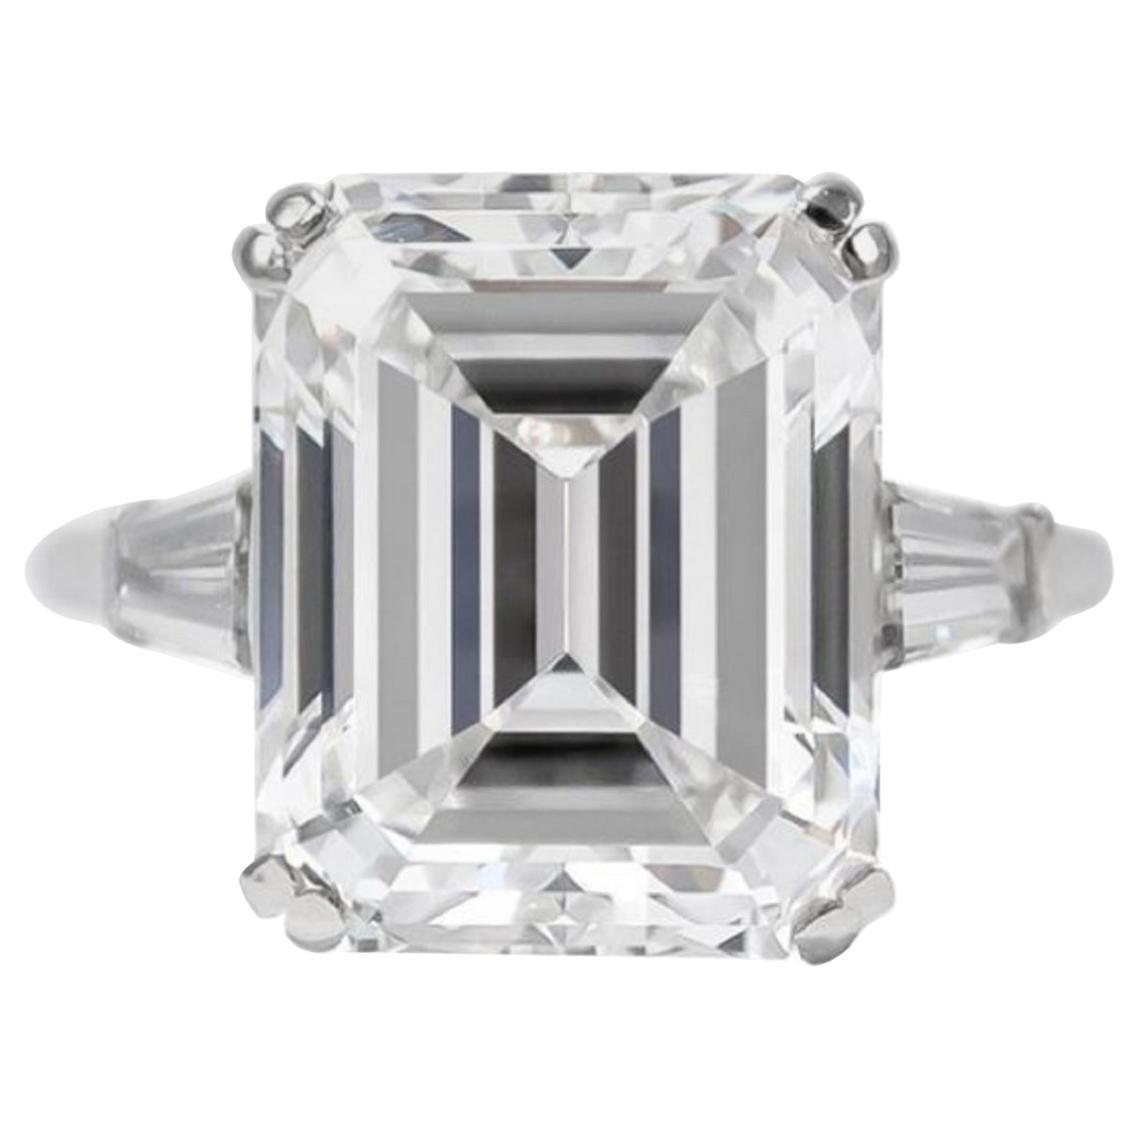 GIA Certified 2.50 Carat VVS2 E Color Emerald Cut Diamond